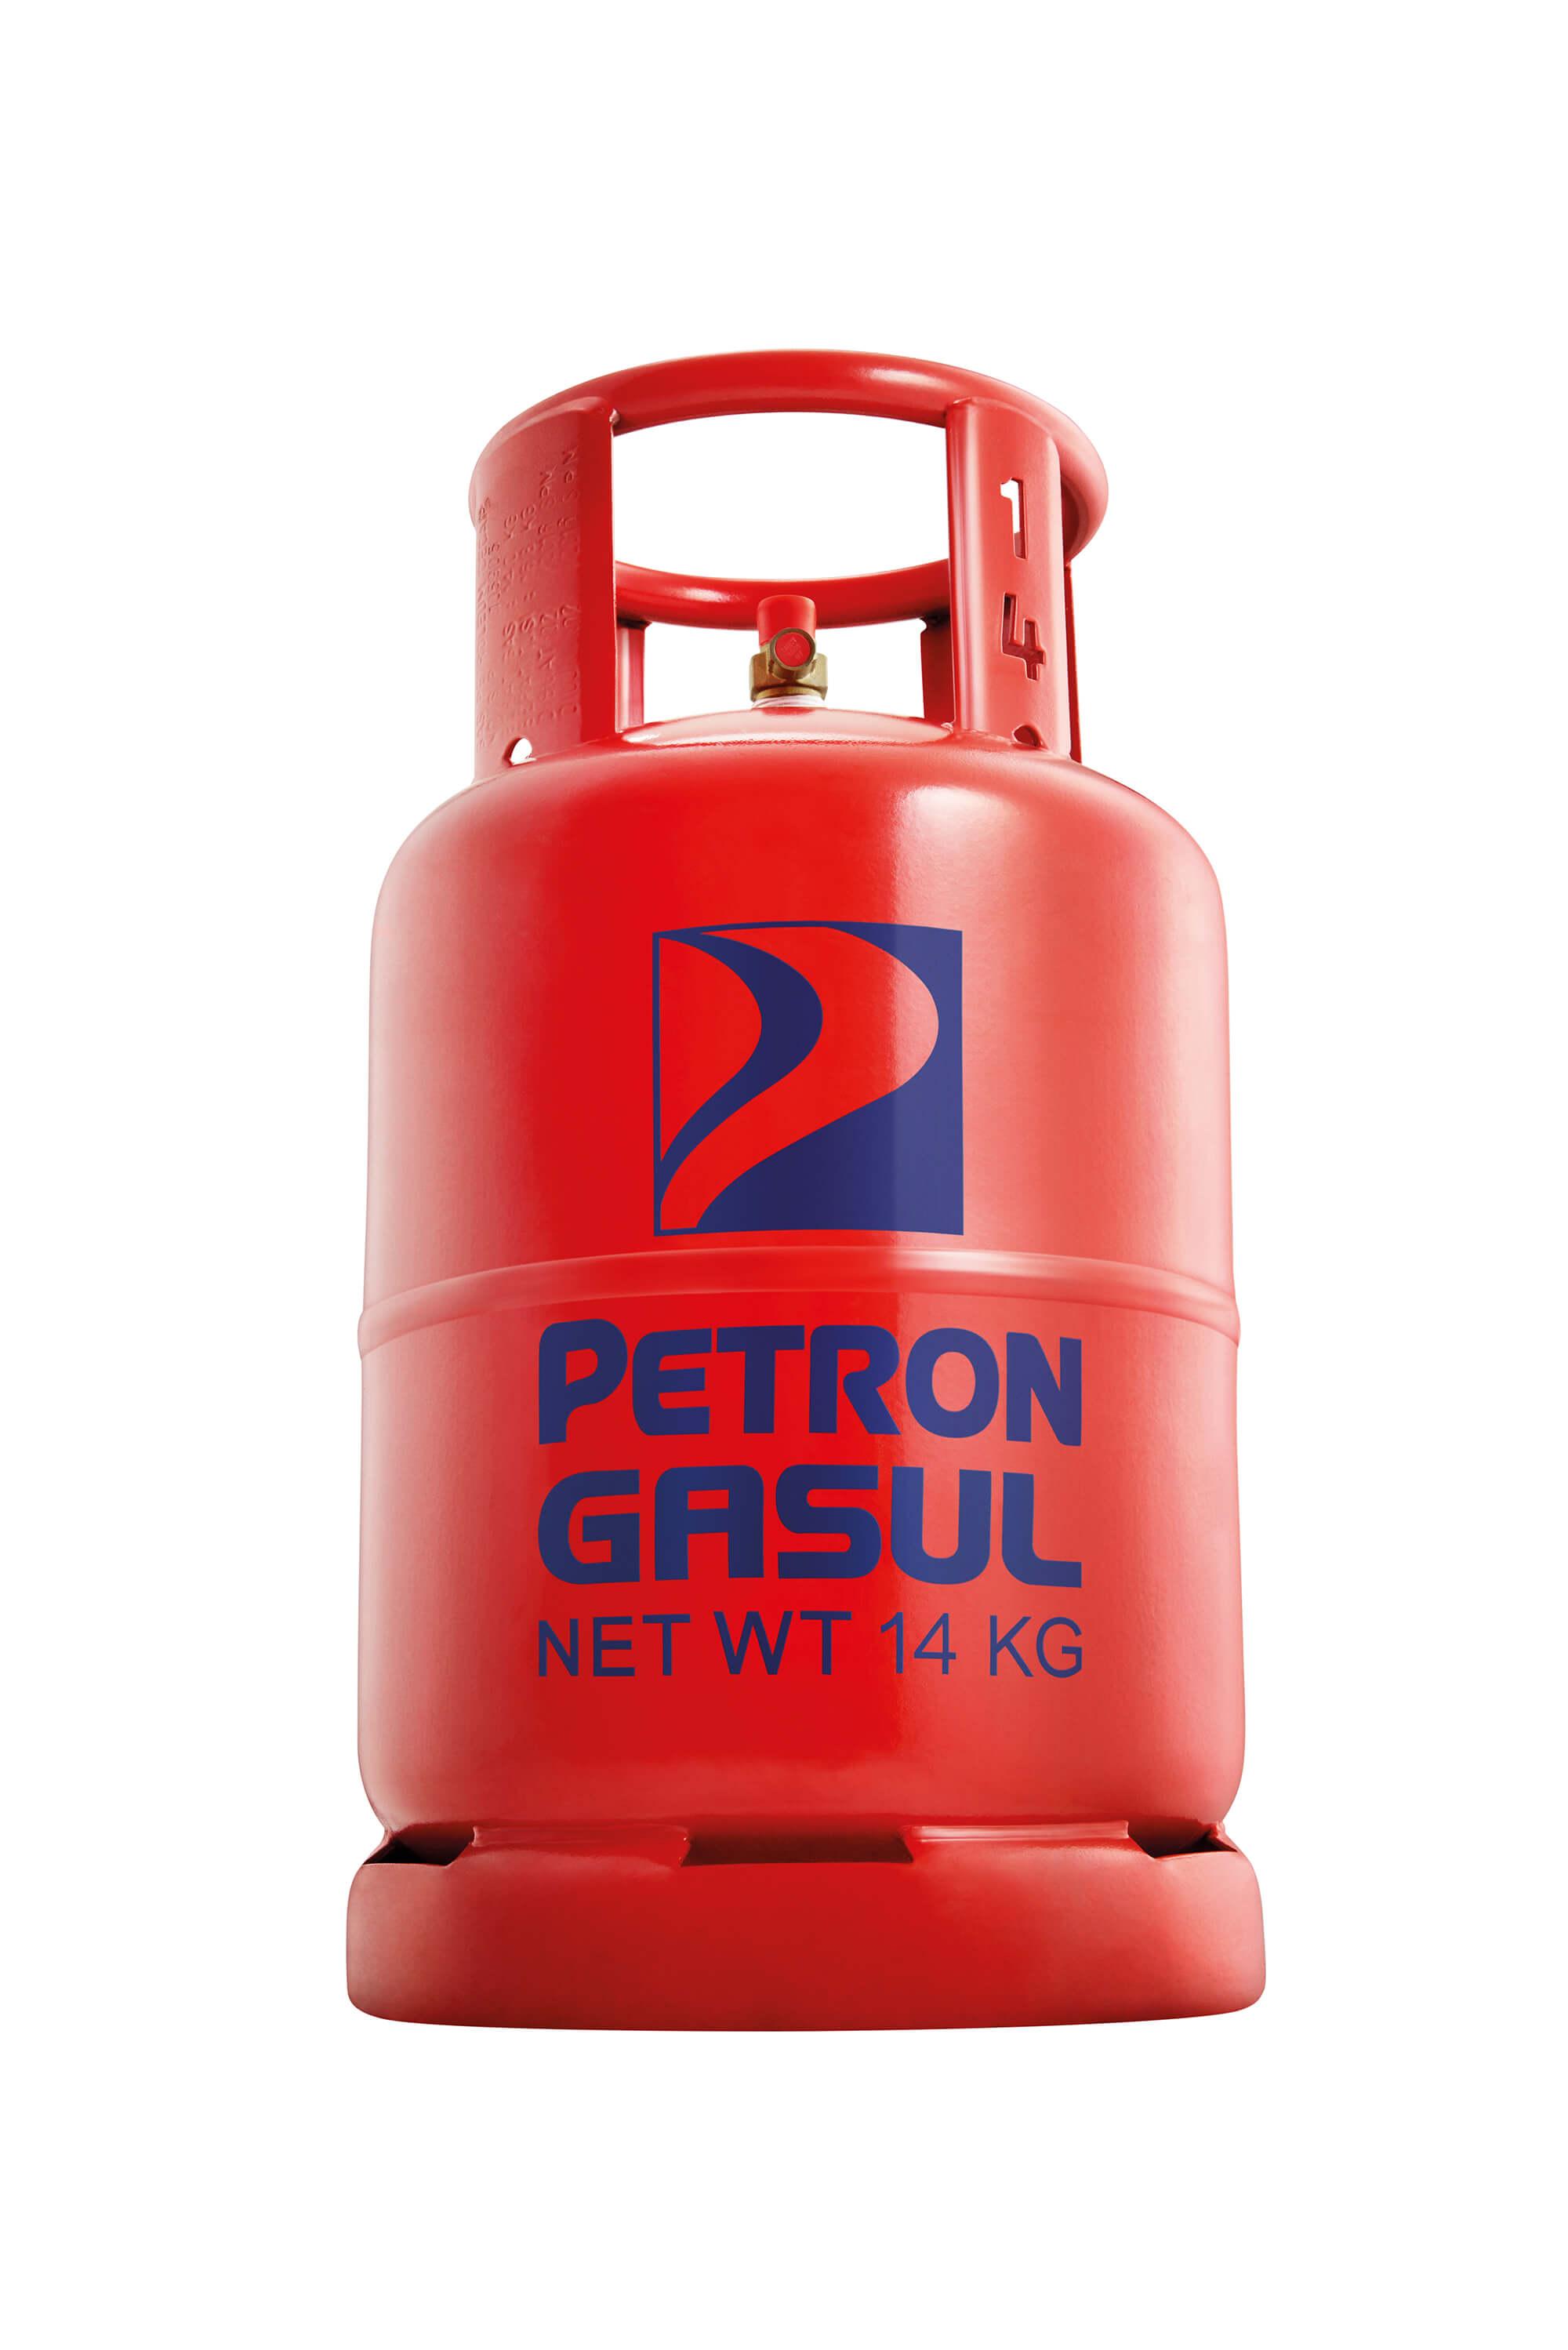 Petron Gasul 14kg